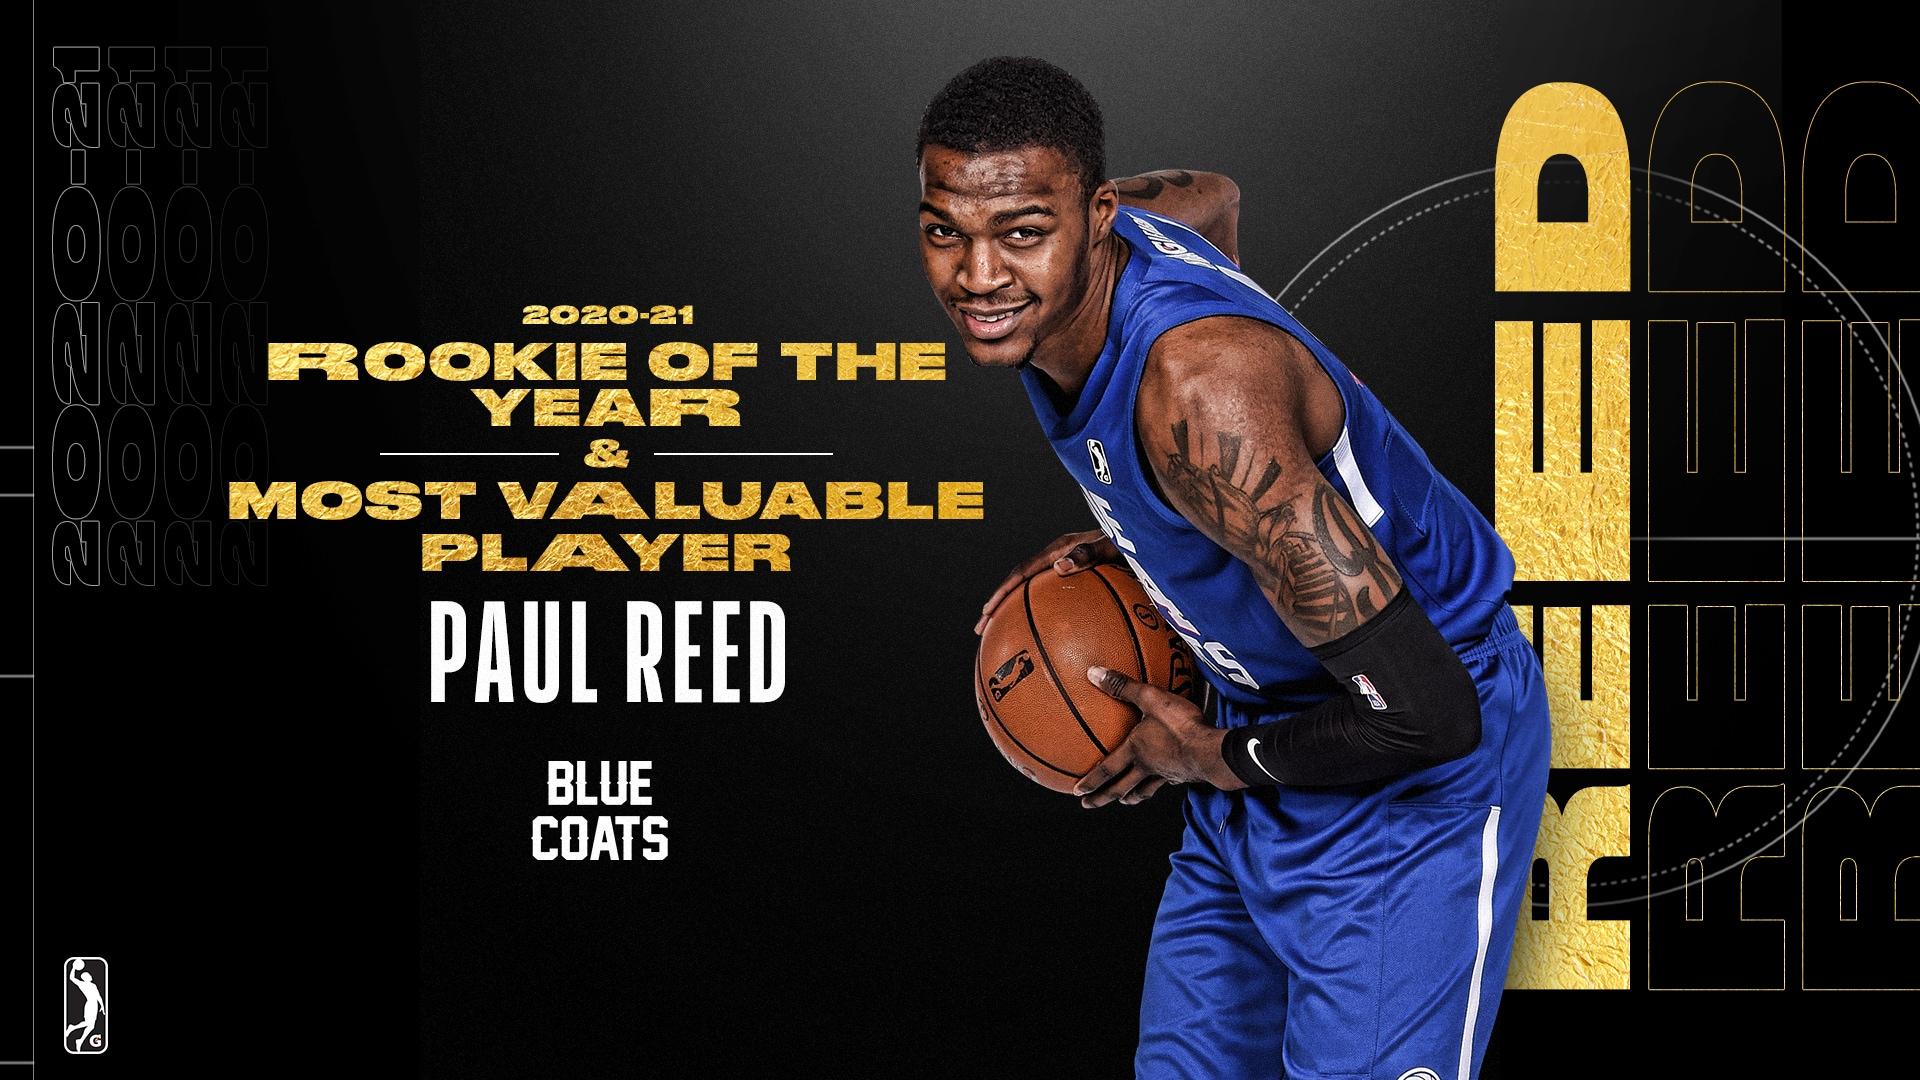 Paul Reed